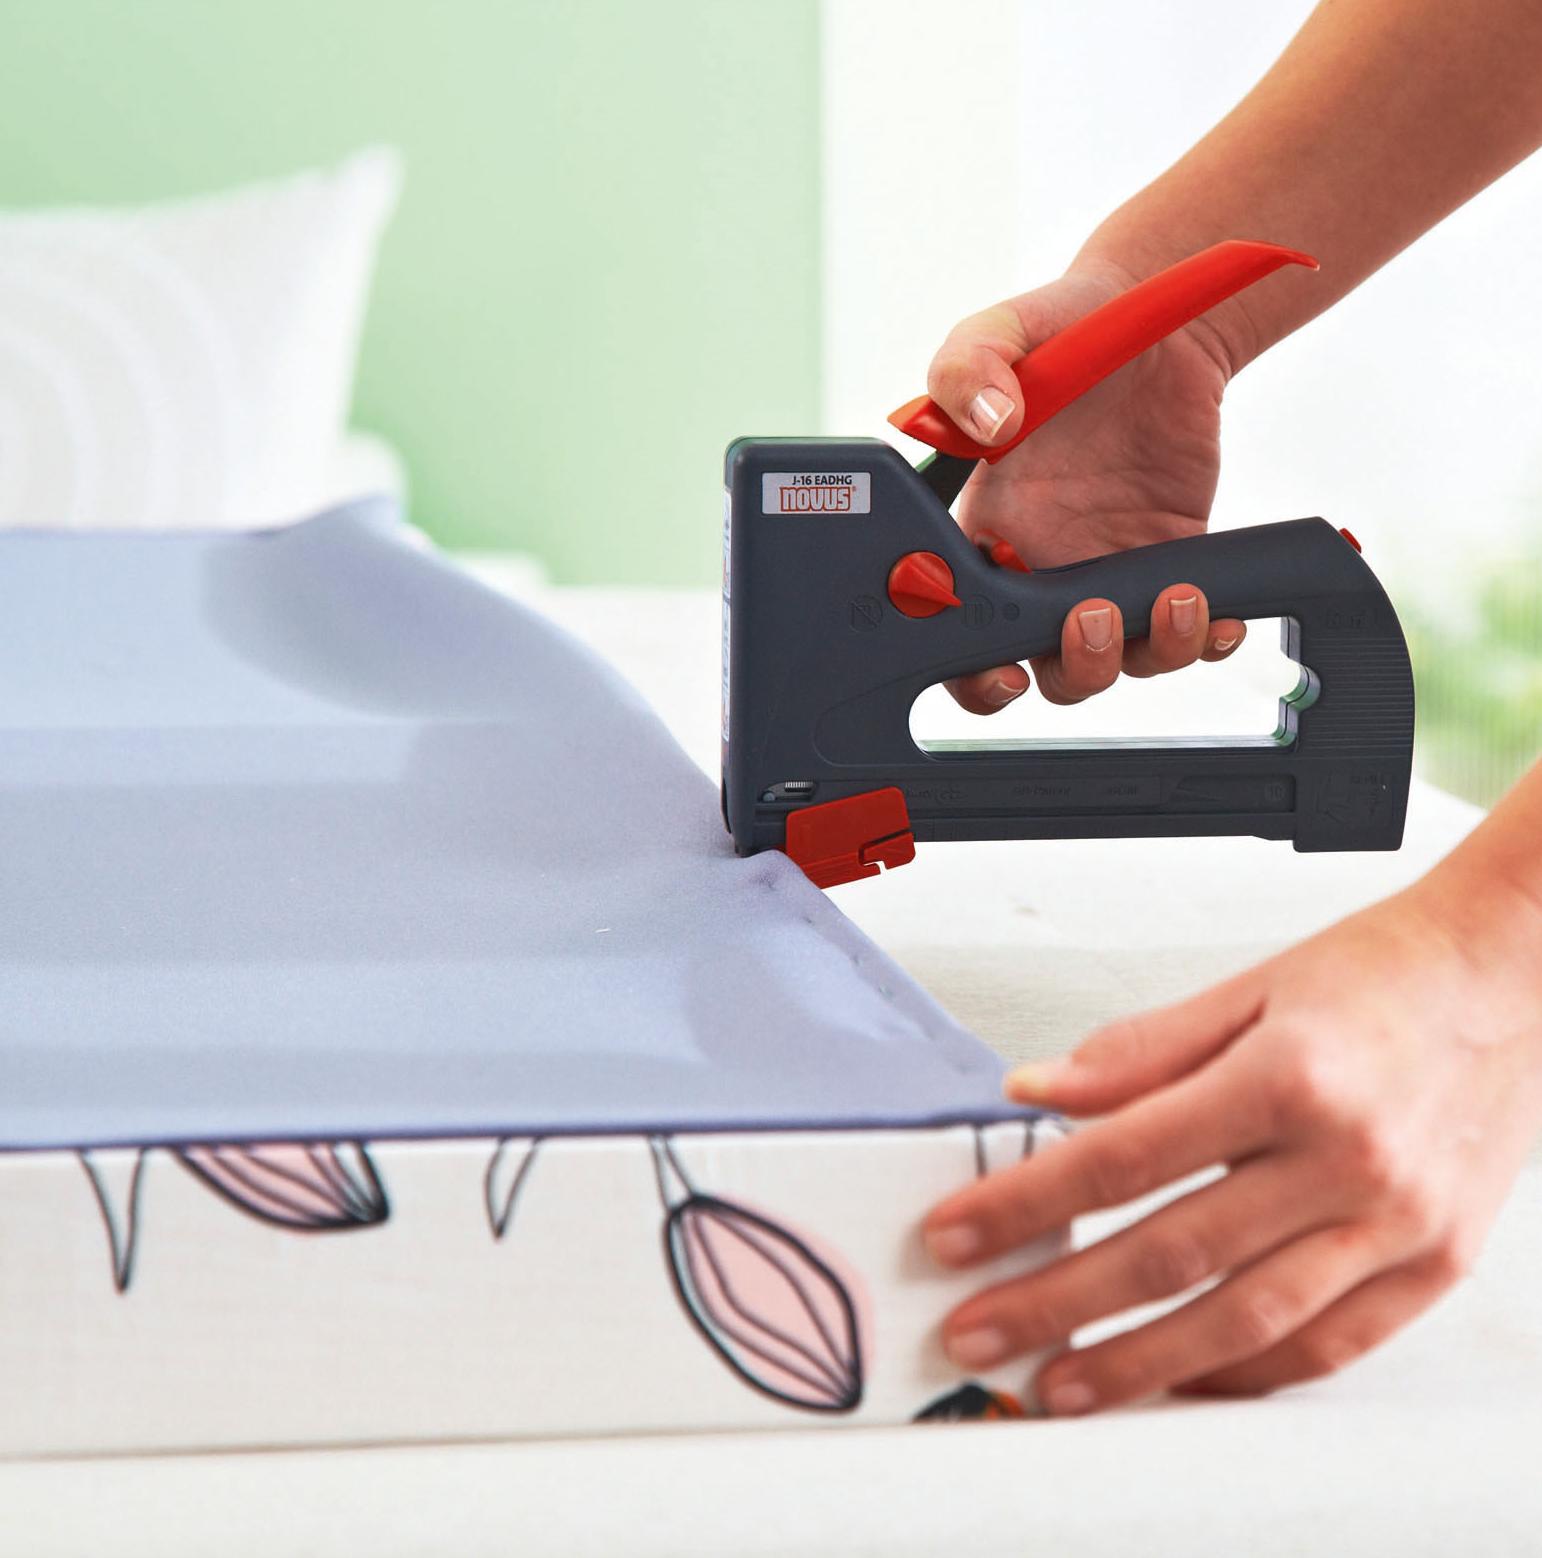 novus a 53 feindrahtklammern 10 mm aus edelstahl 1000 tacker klammern vom typ 53 10 f r. Black Bedroom Furniture Sets. Home Design Ideas